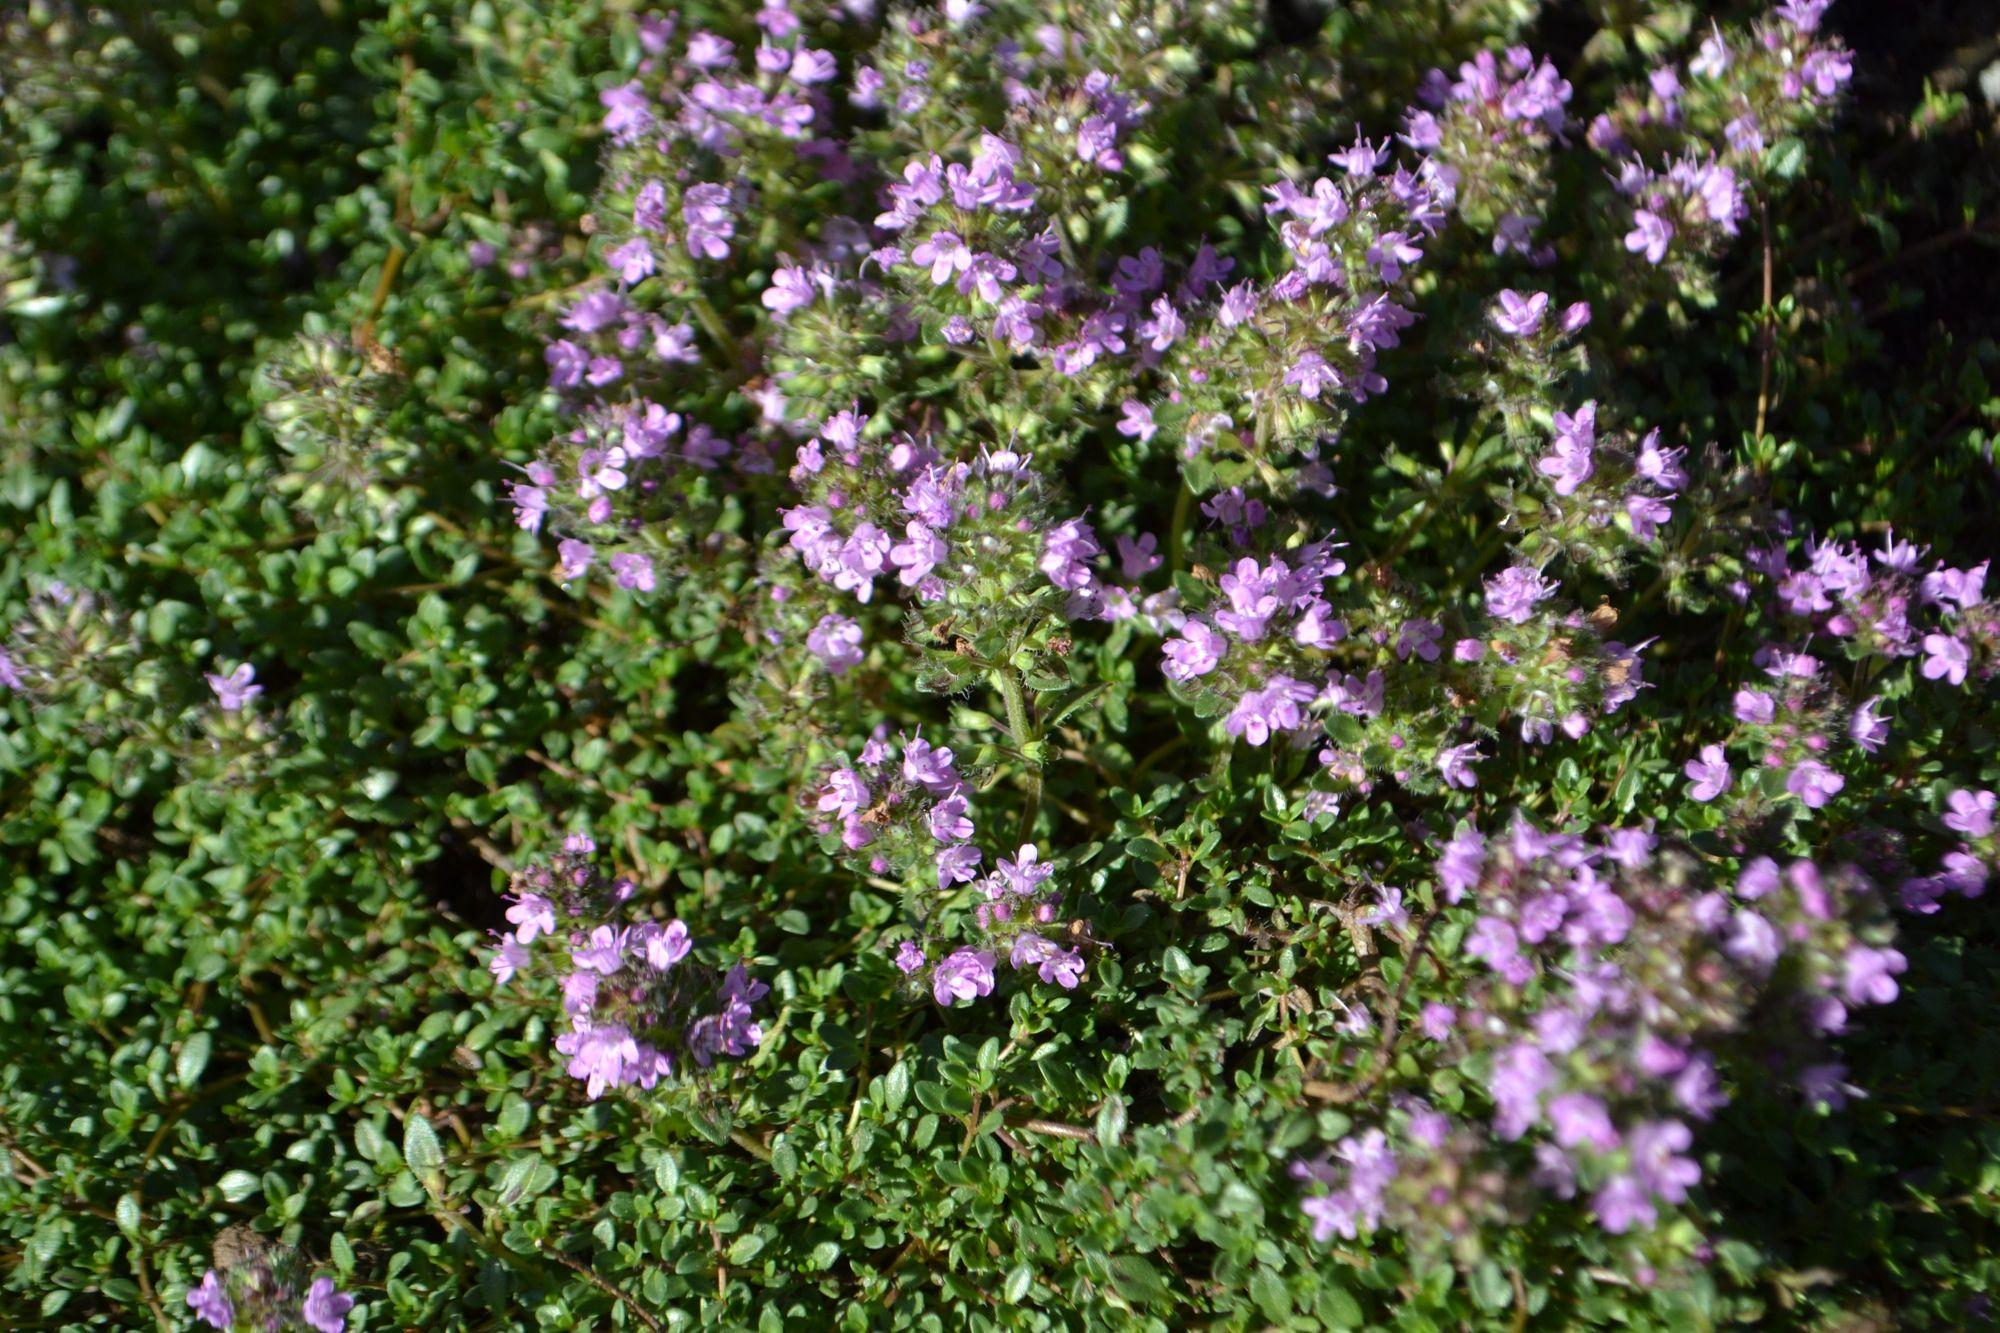 Anktyvasis čiobrelis, britaninis porūšis (Thymus praecox, ssp. brittanicus, syn. T. pseudolanuginosus)